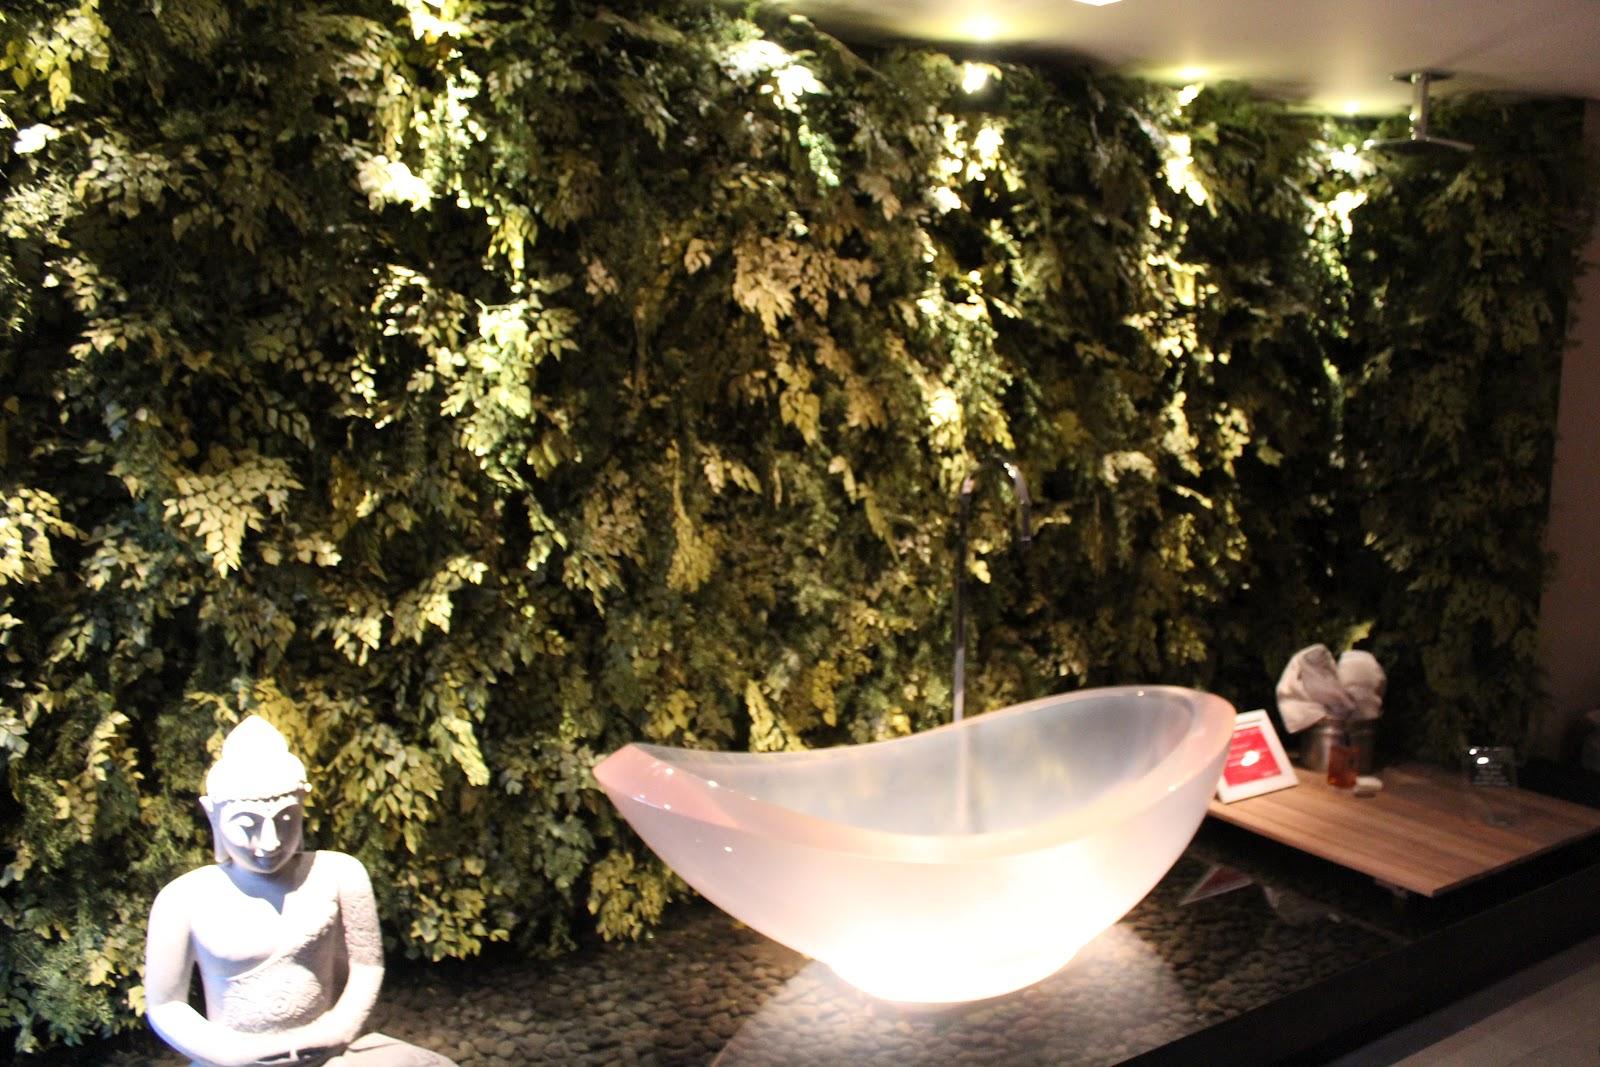 Imagens de #9D662E  de material acrílico sanitário ficaram uma graça além de que 1600x1067 px 3250 Box Acrilico Para Banheiro Feira De Santana